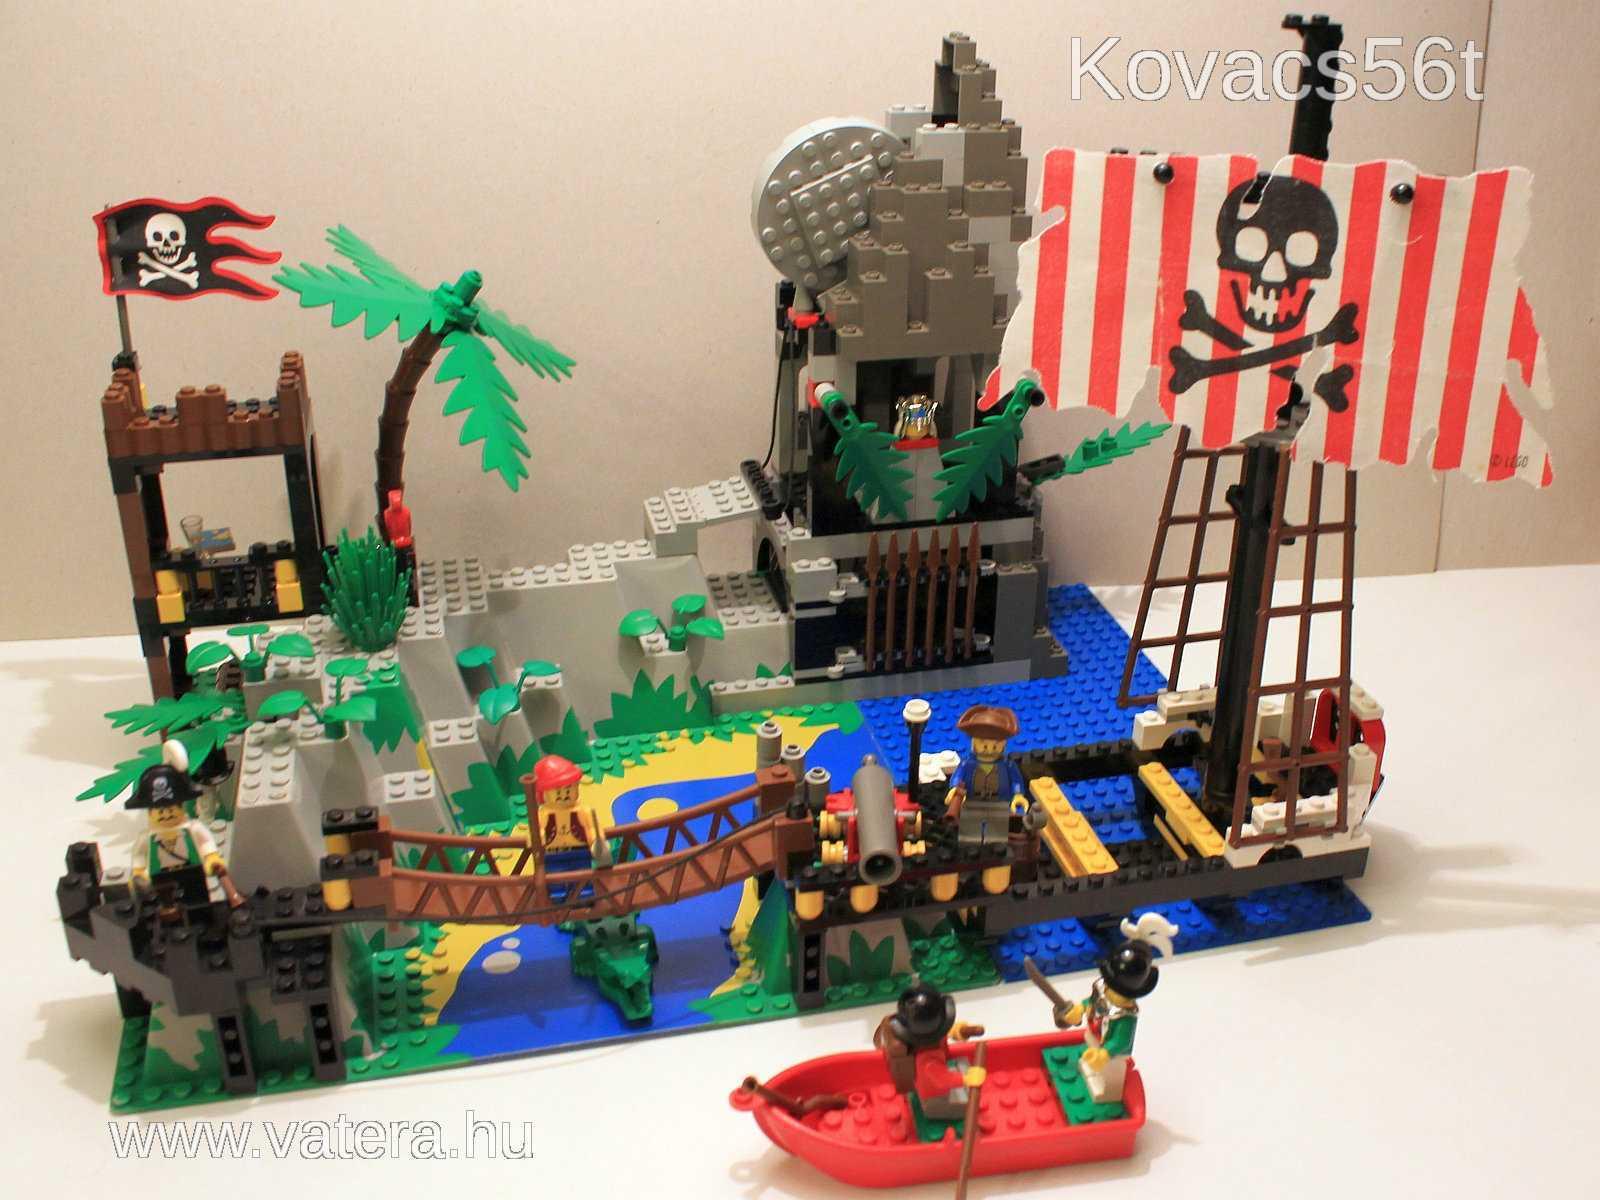 d2a7_1_big - Lego Pirate